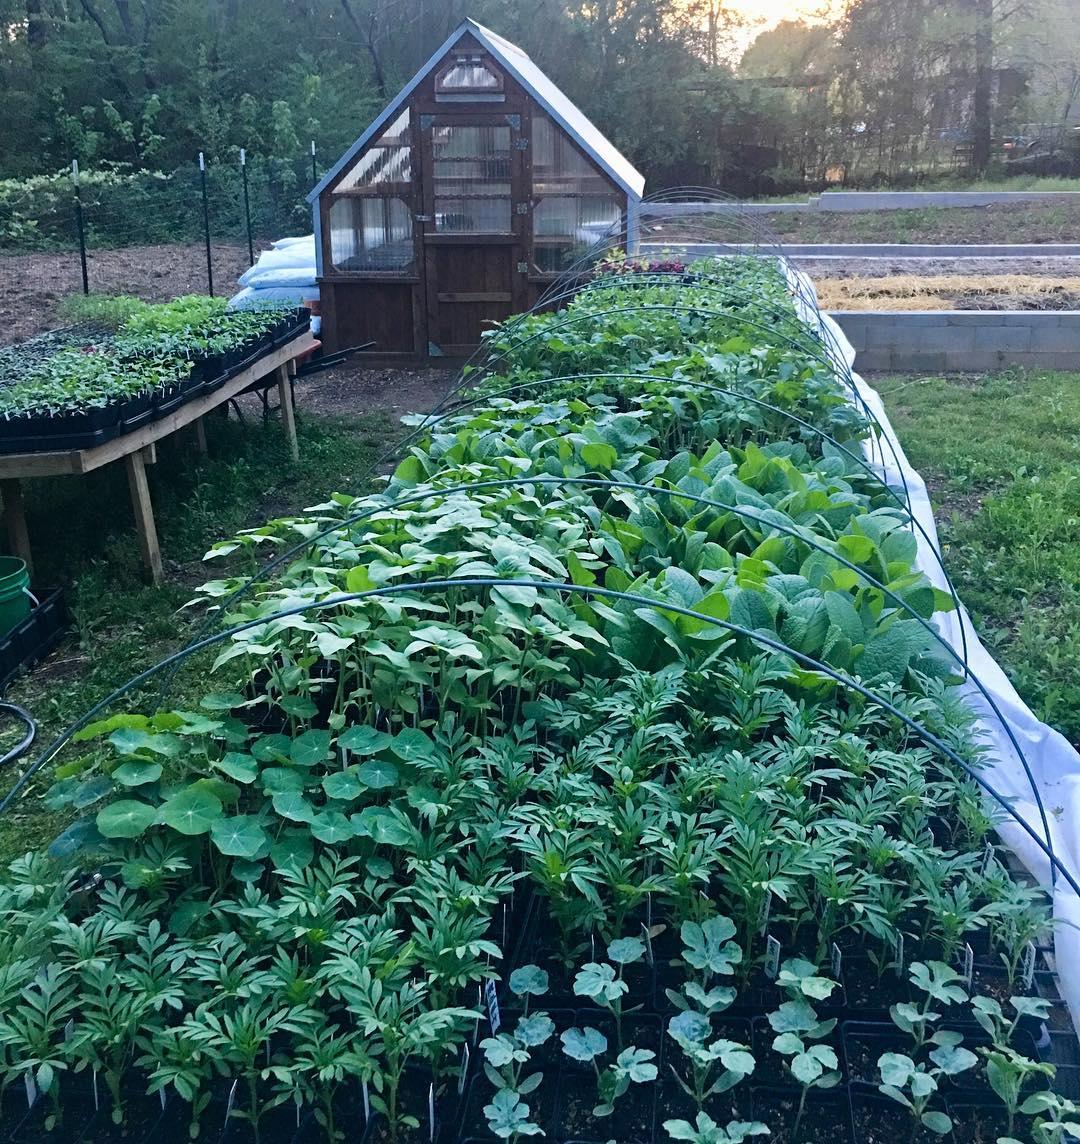 Cô gái trẻ trồng cả vườn rau và hoa theo phương pháp hữu cơ vì yêu thích sống trong không gian xanh - Ảnh 5